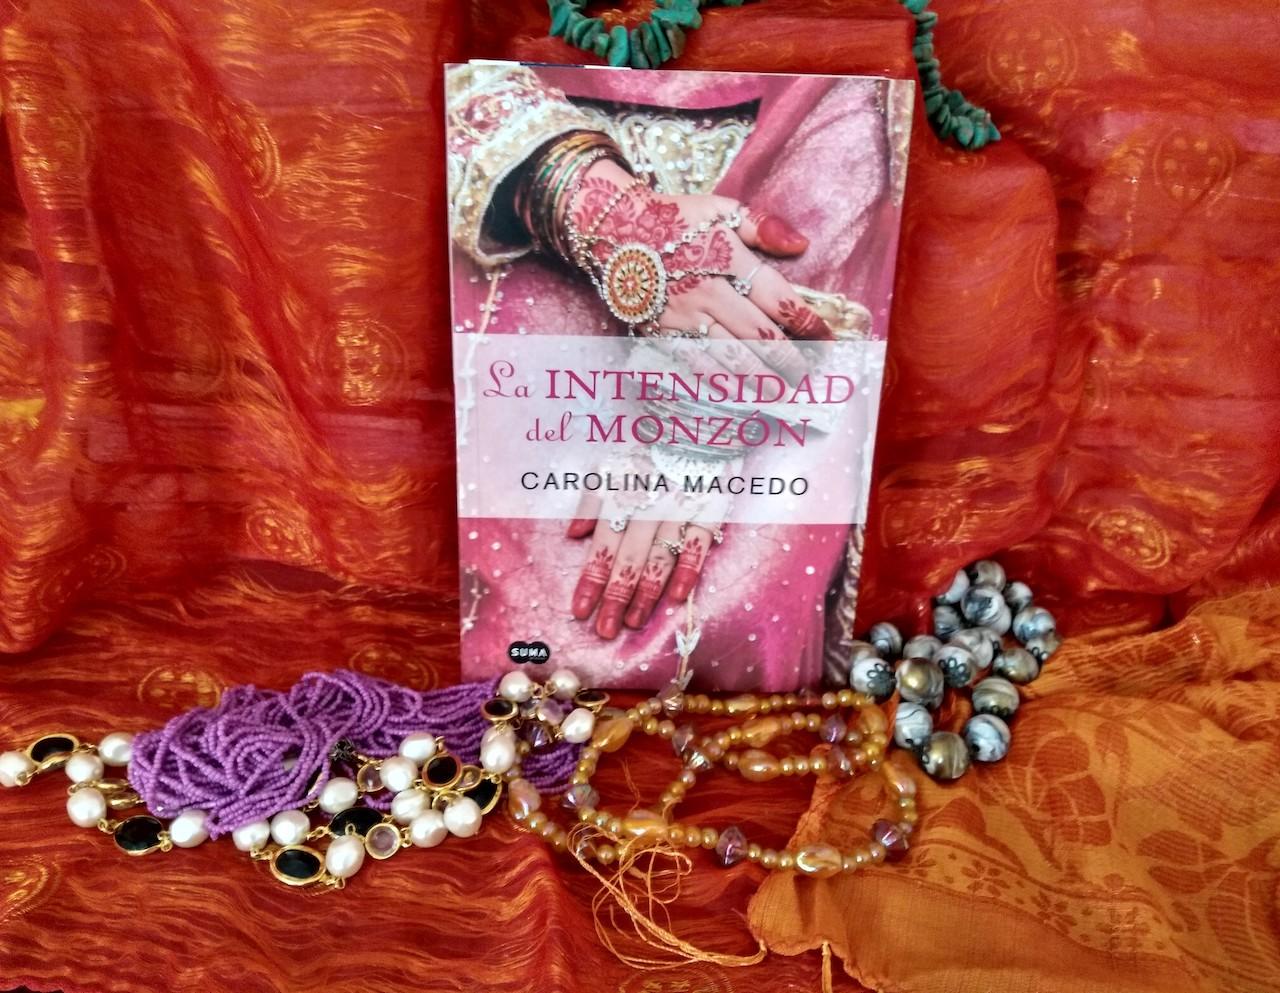 La intensidad del monzón, la segunda novela de Carolina Macedo, se inscribe nuevamente en el género novela romántica